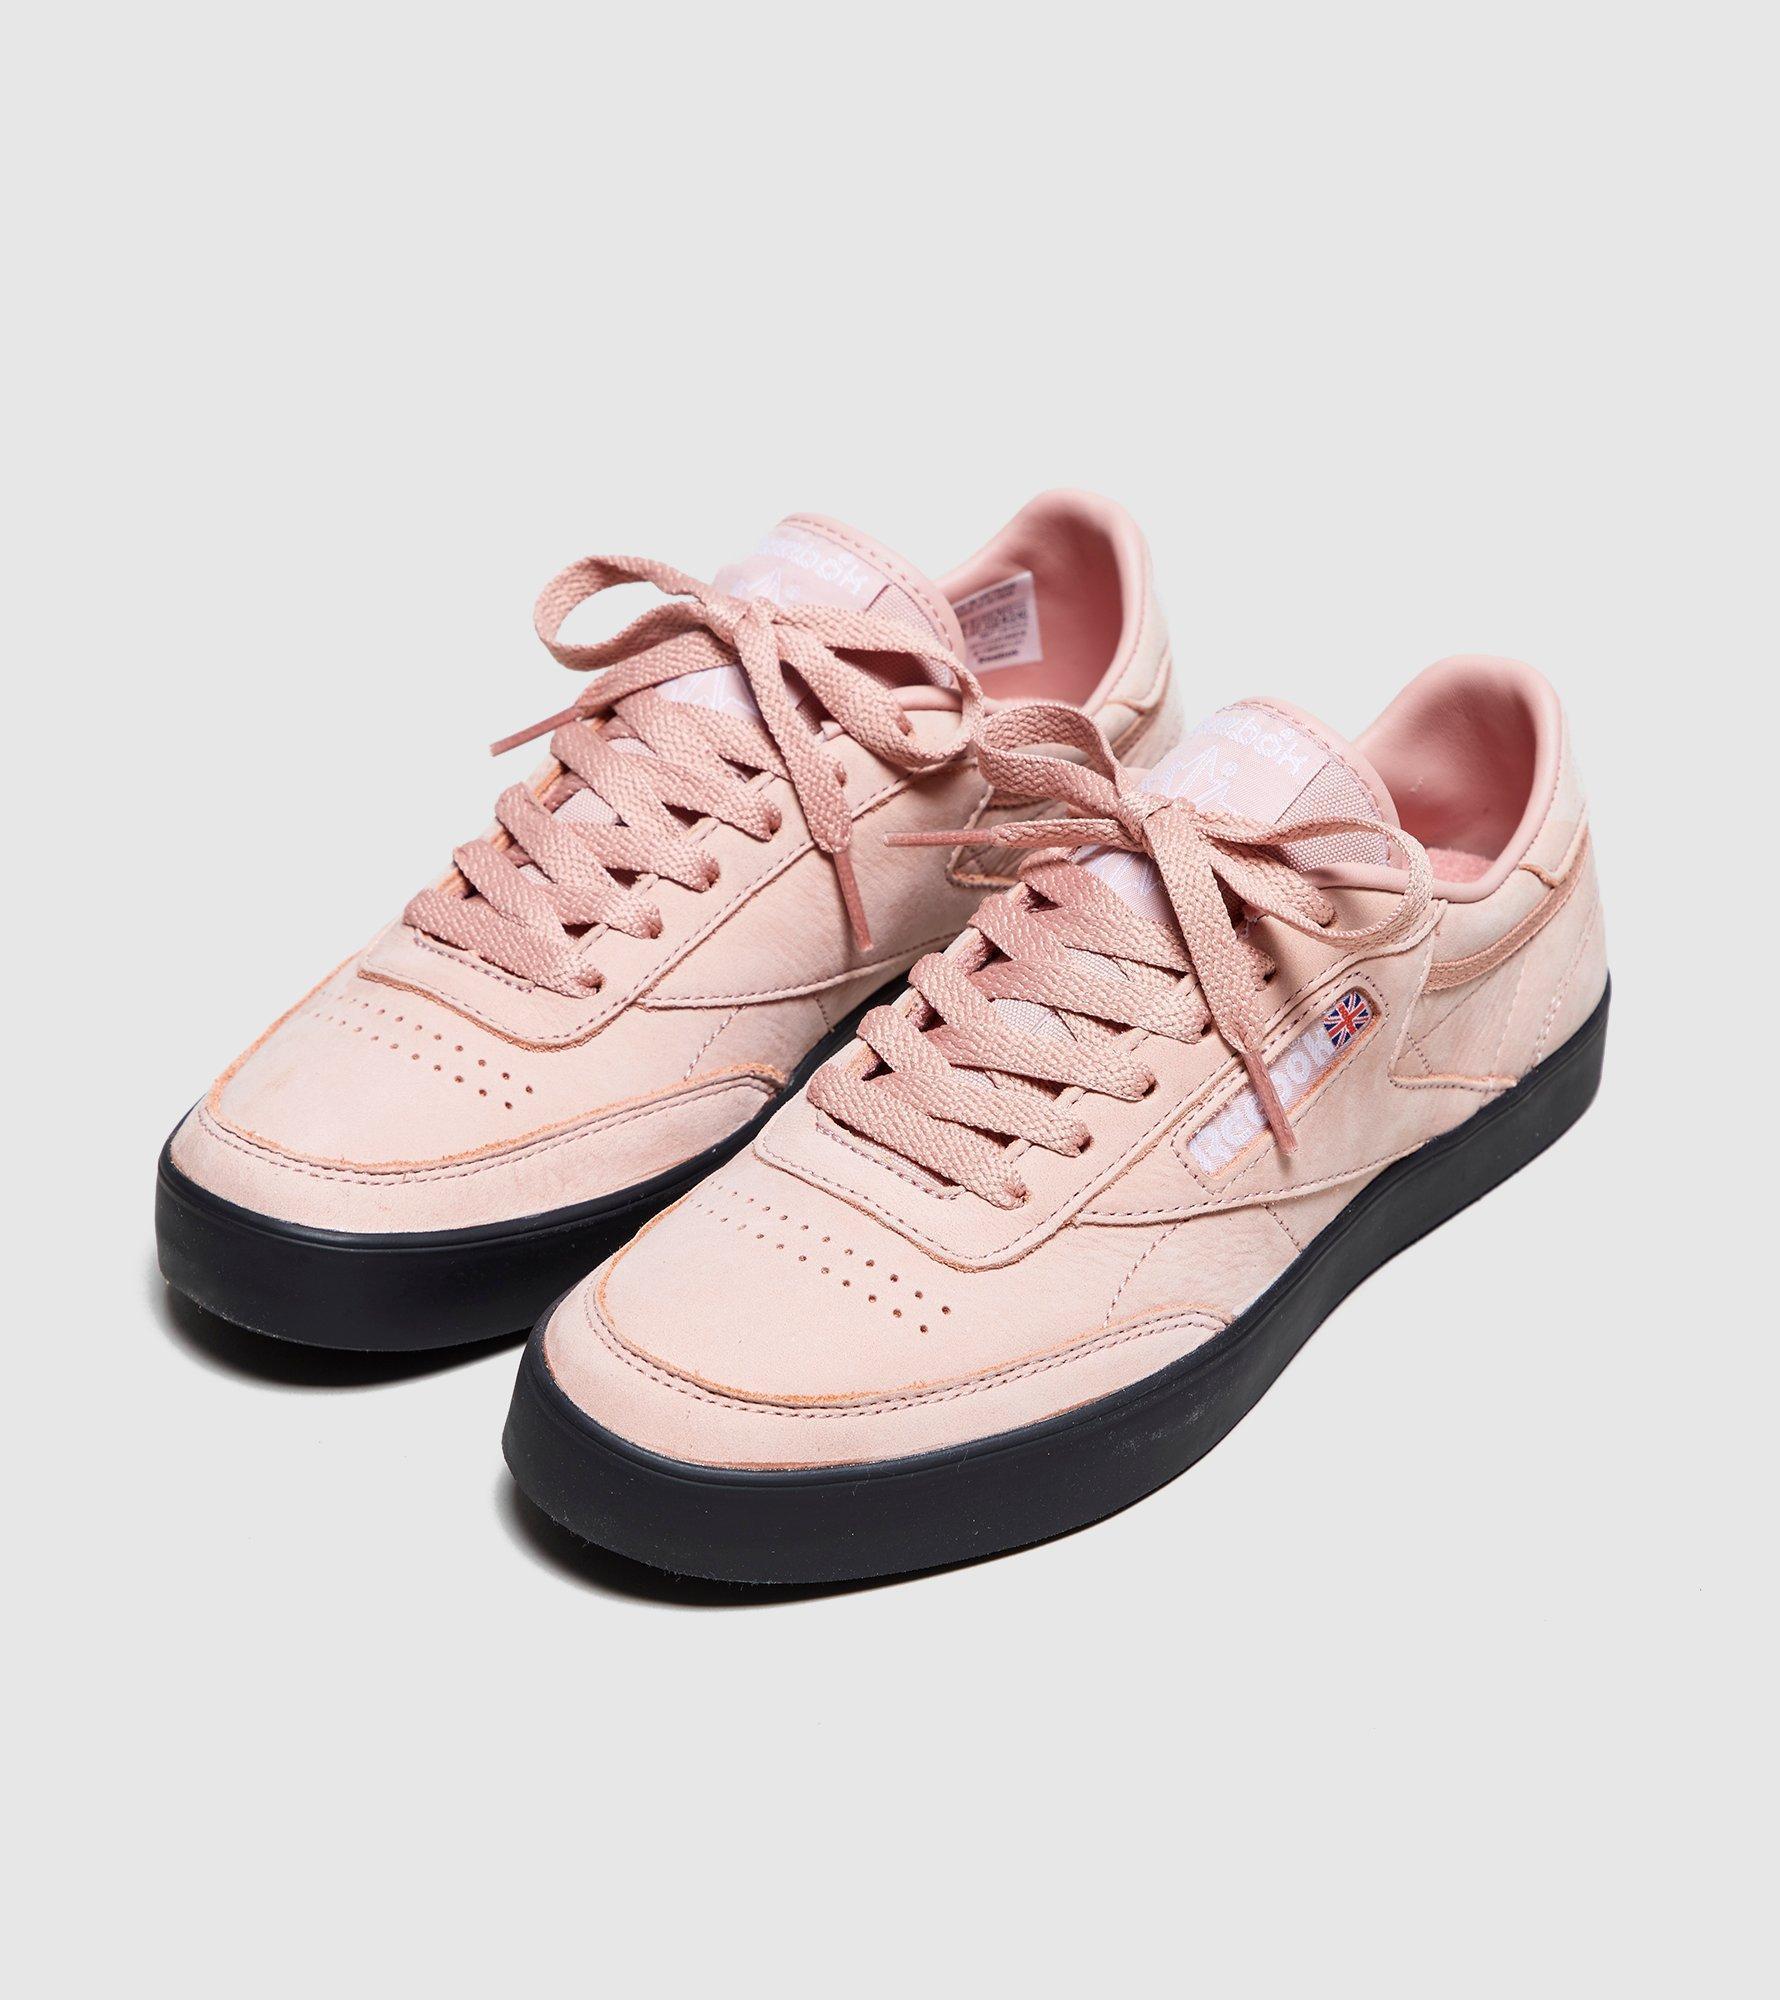 f9fe412626159d Lyst - Reebok Club C Fvs - Size  Exclusive Women s in Pink